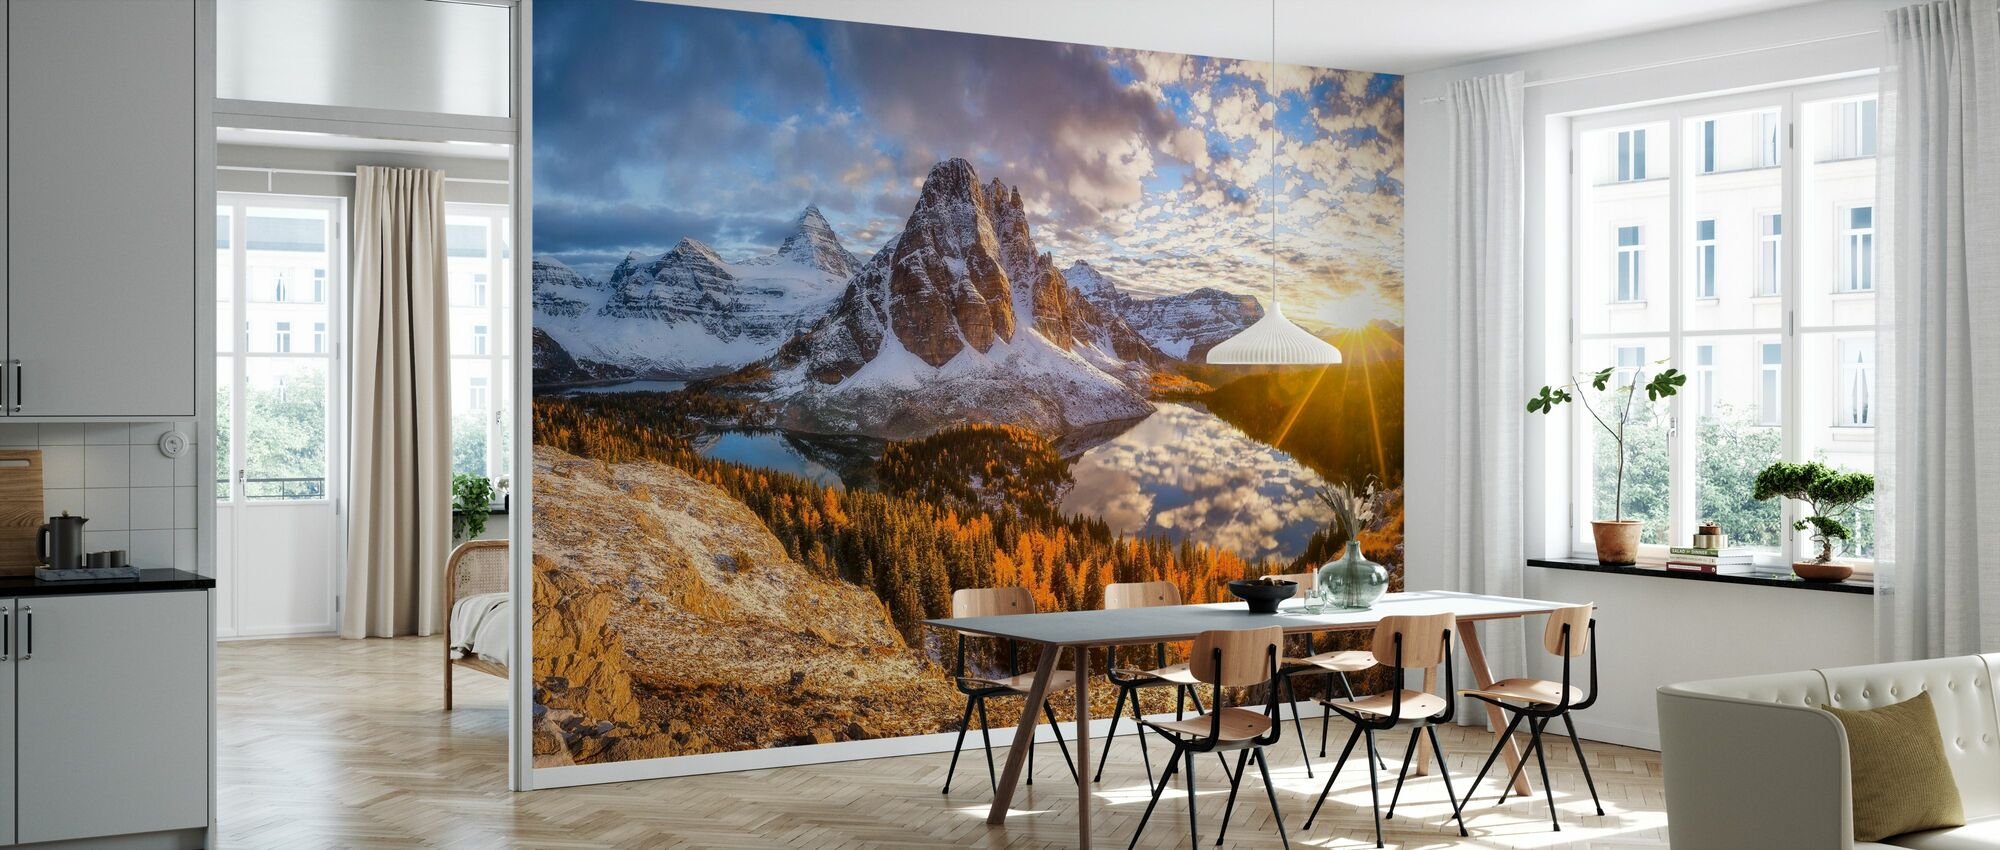 Heaven on Earth - Wallpaper - Kitchen